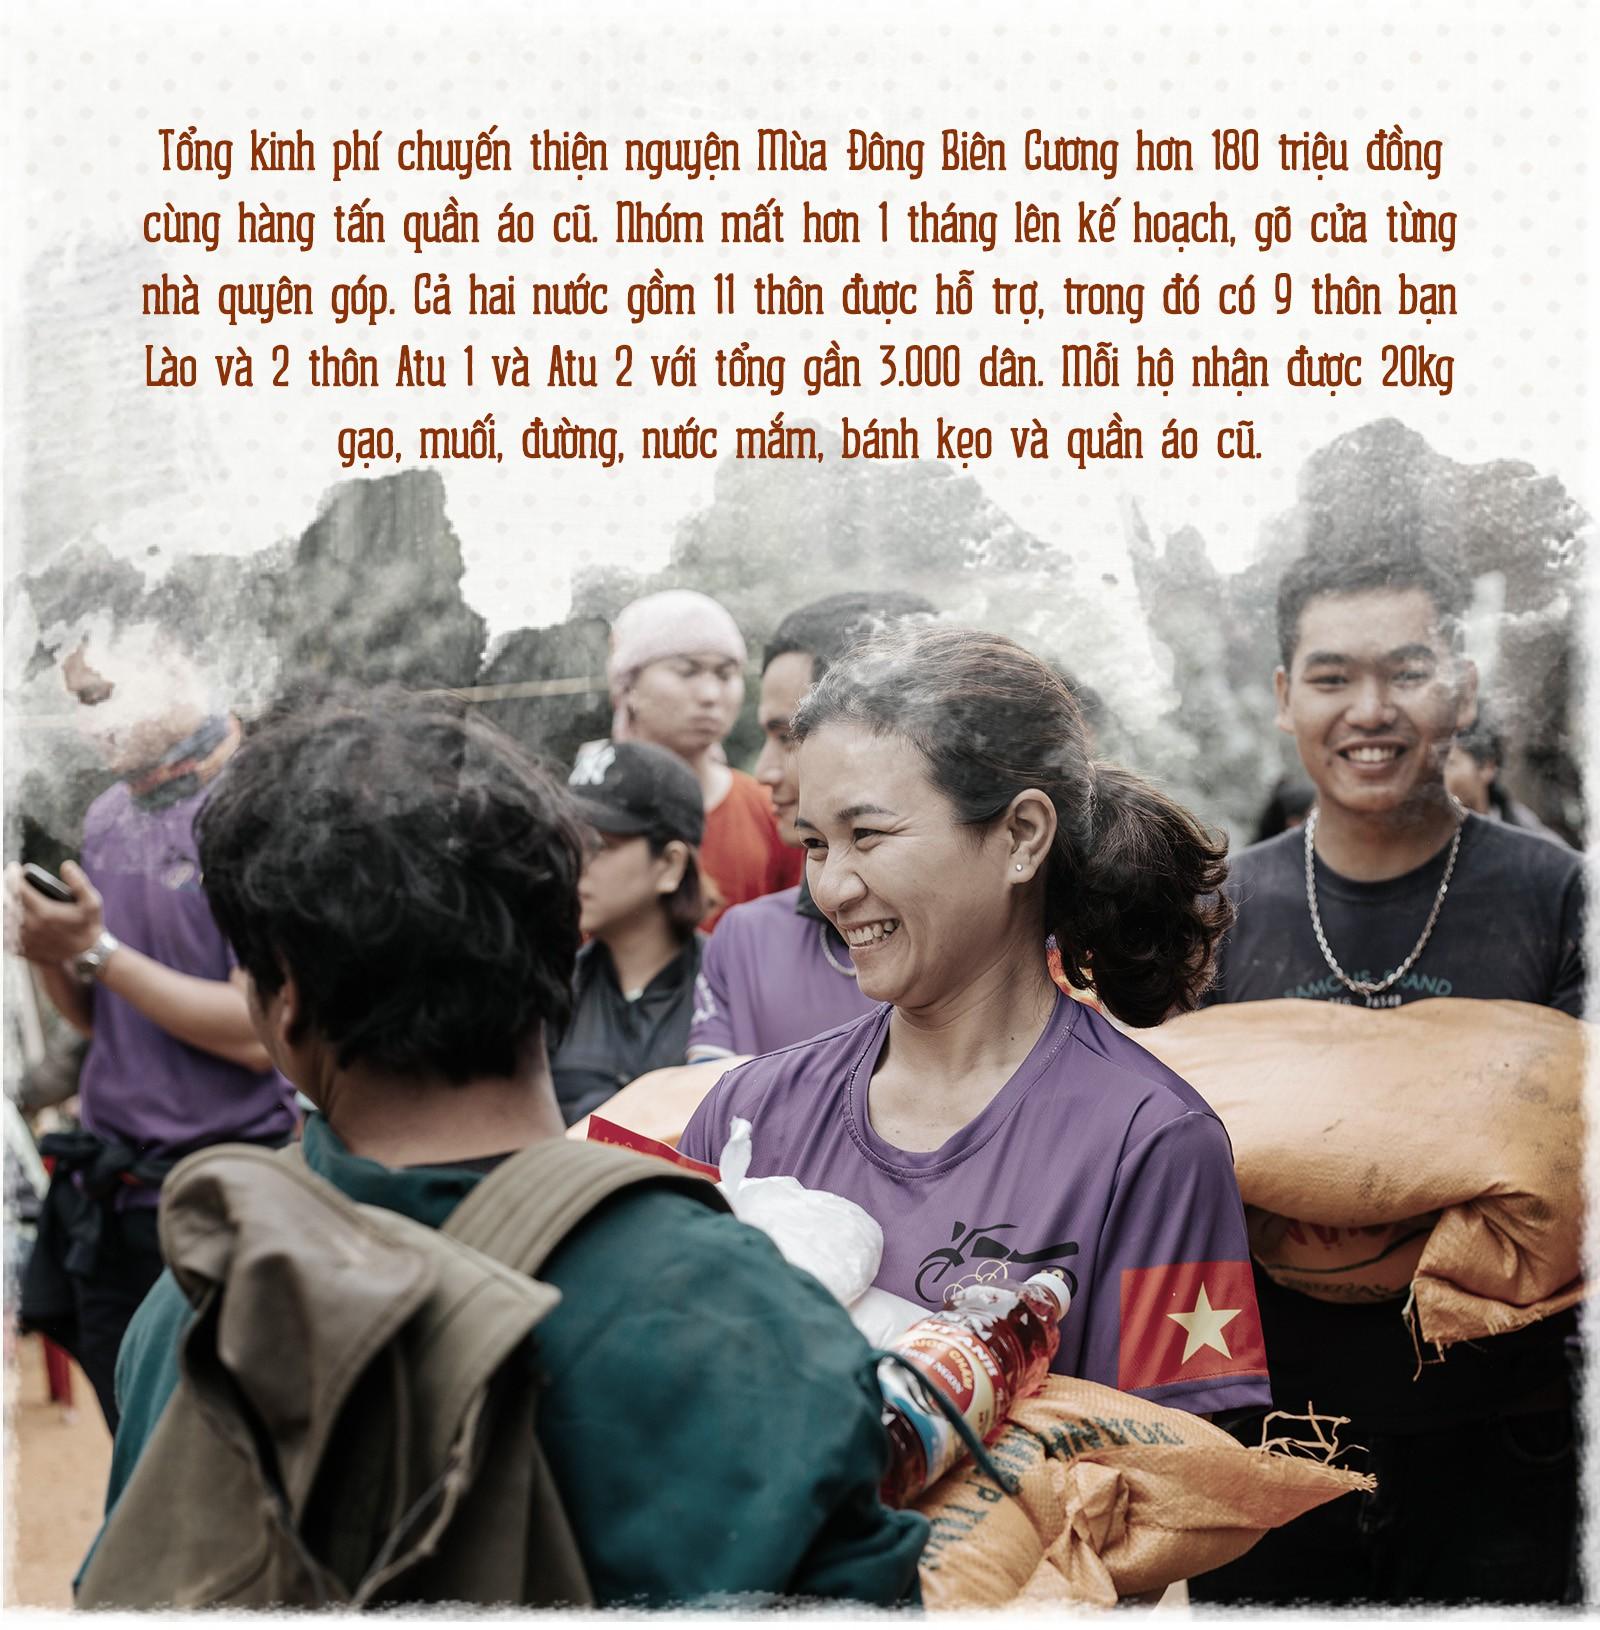 Hành trình cõng gạo cứu đói ở vùng biên của 70 người trẻ - Ảnh 12.